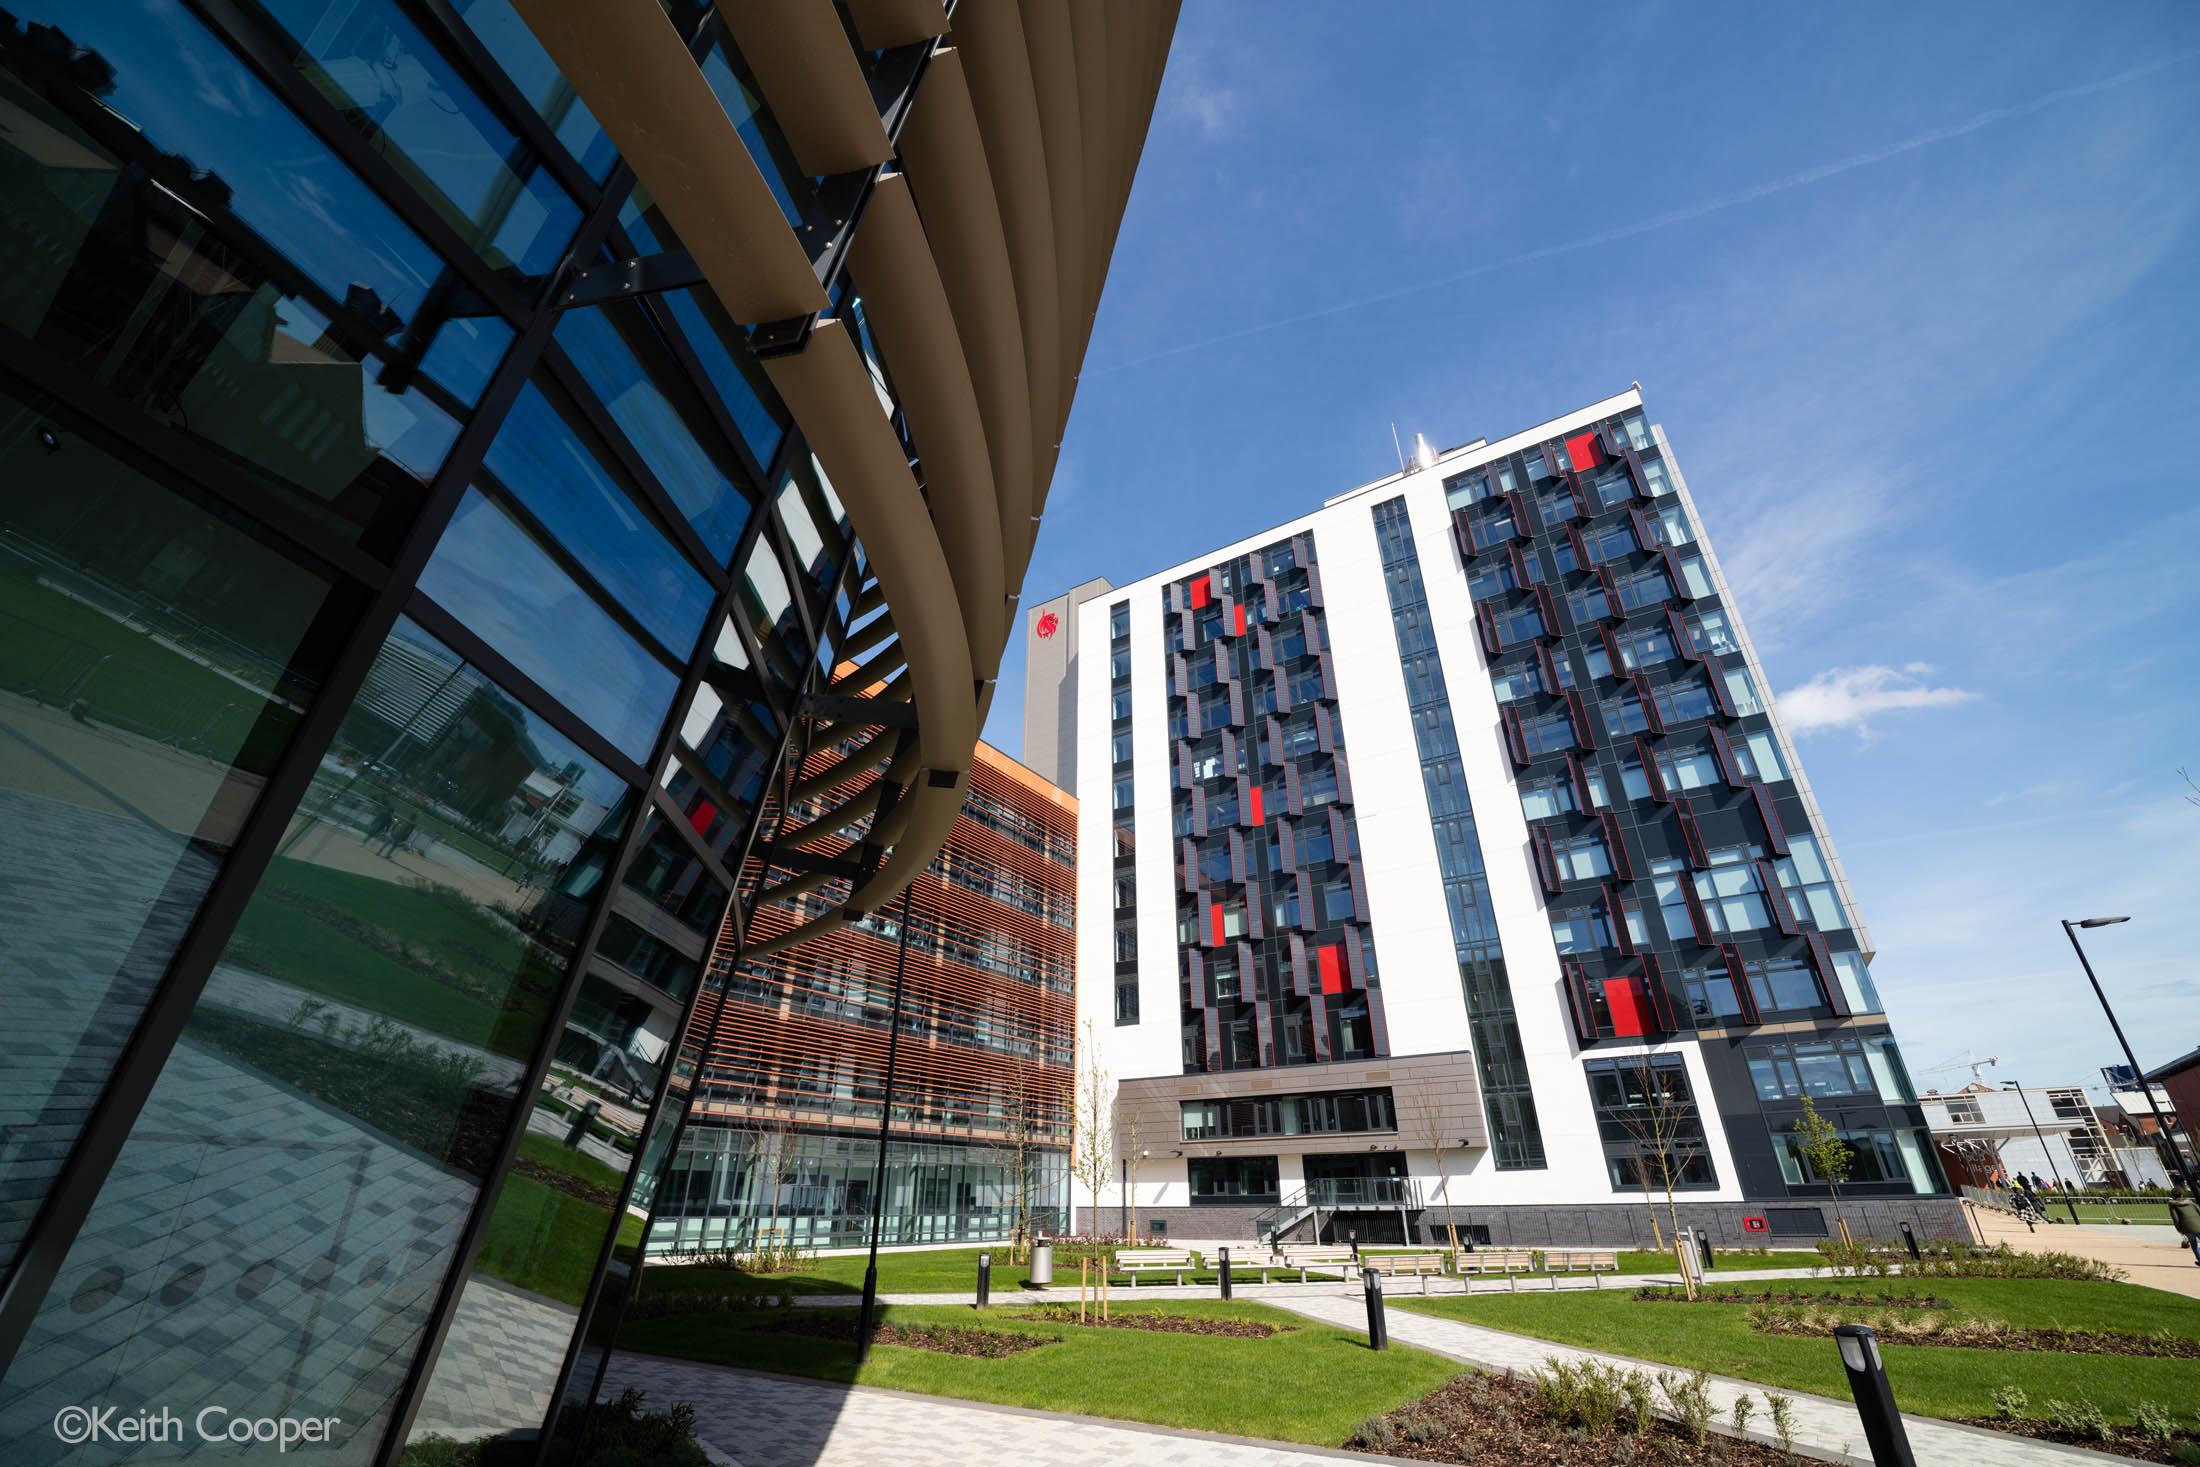 leaning-buildings